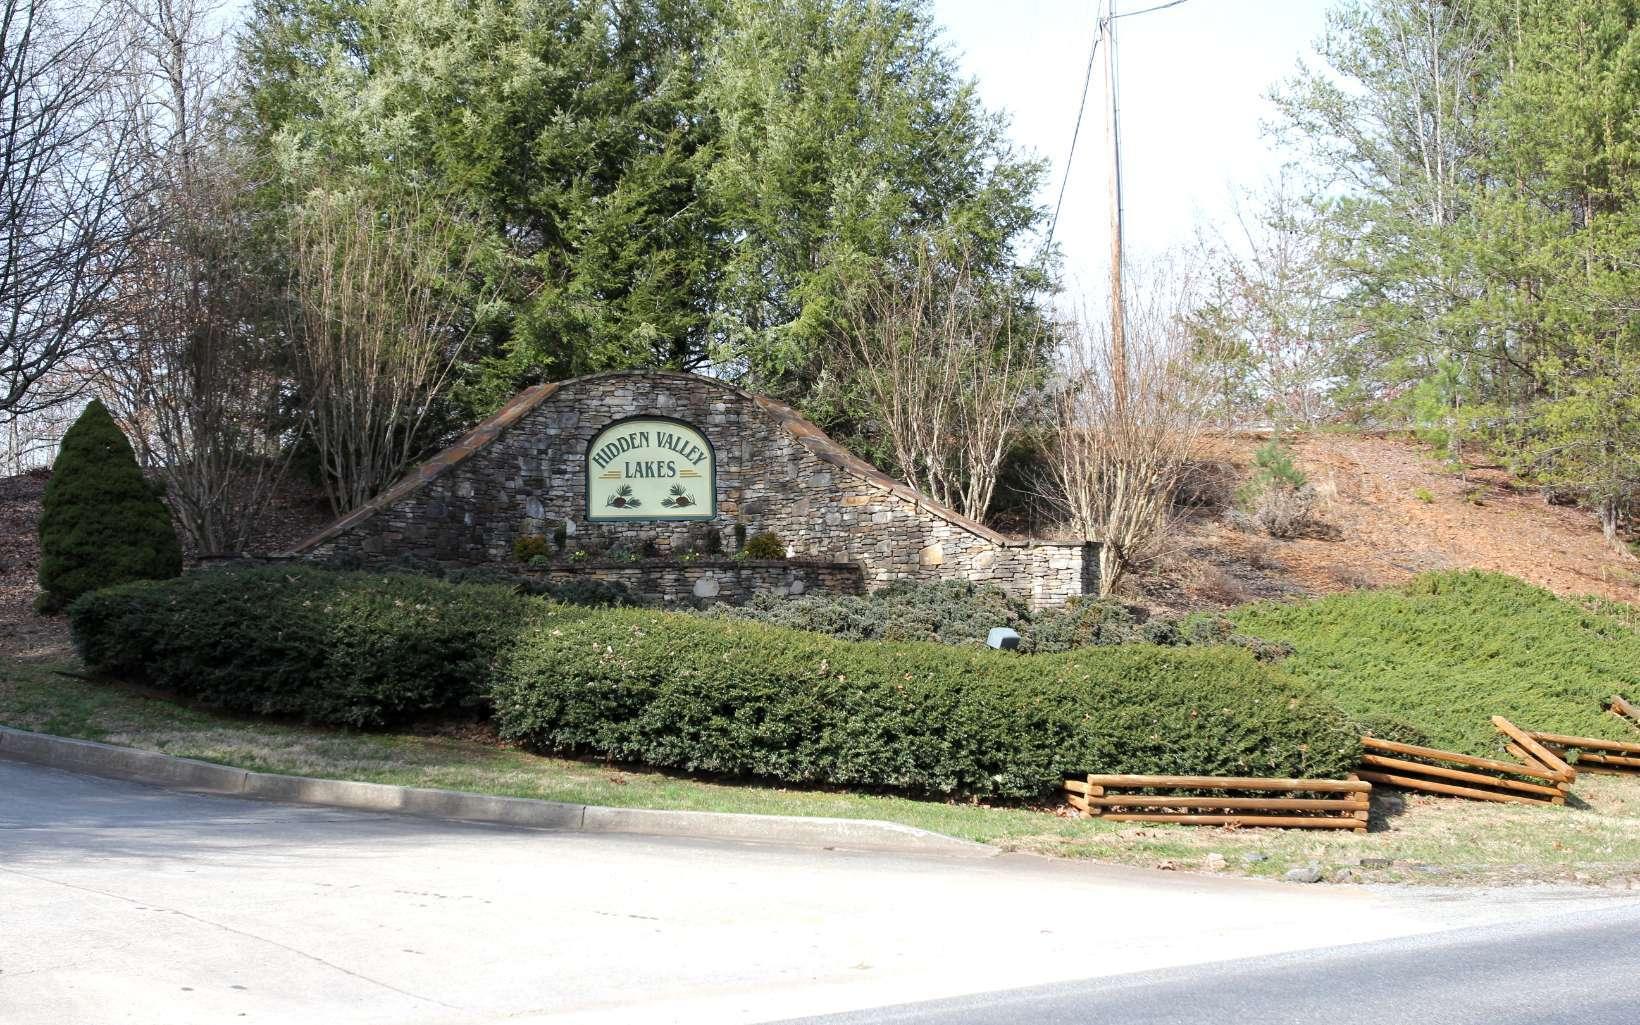 Lt 70 Hidden Valley Lakes, McCaysville, GA | MLS# 284795